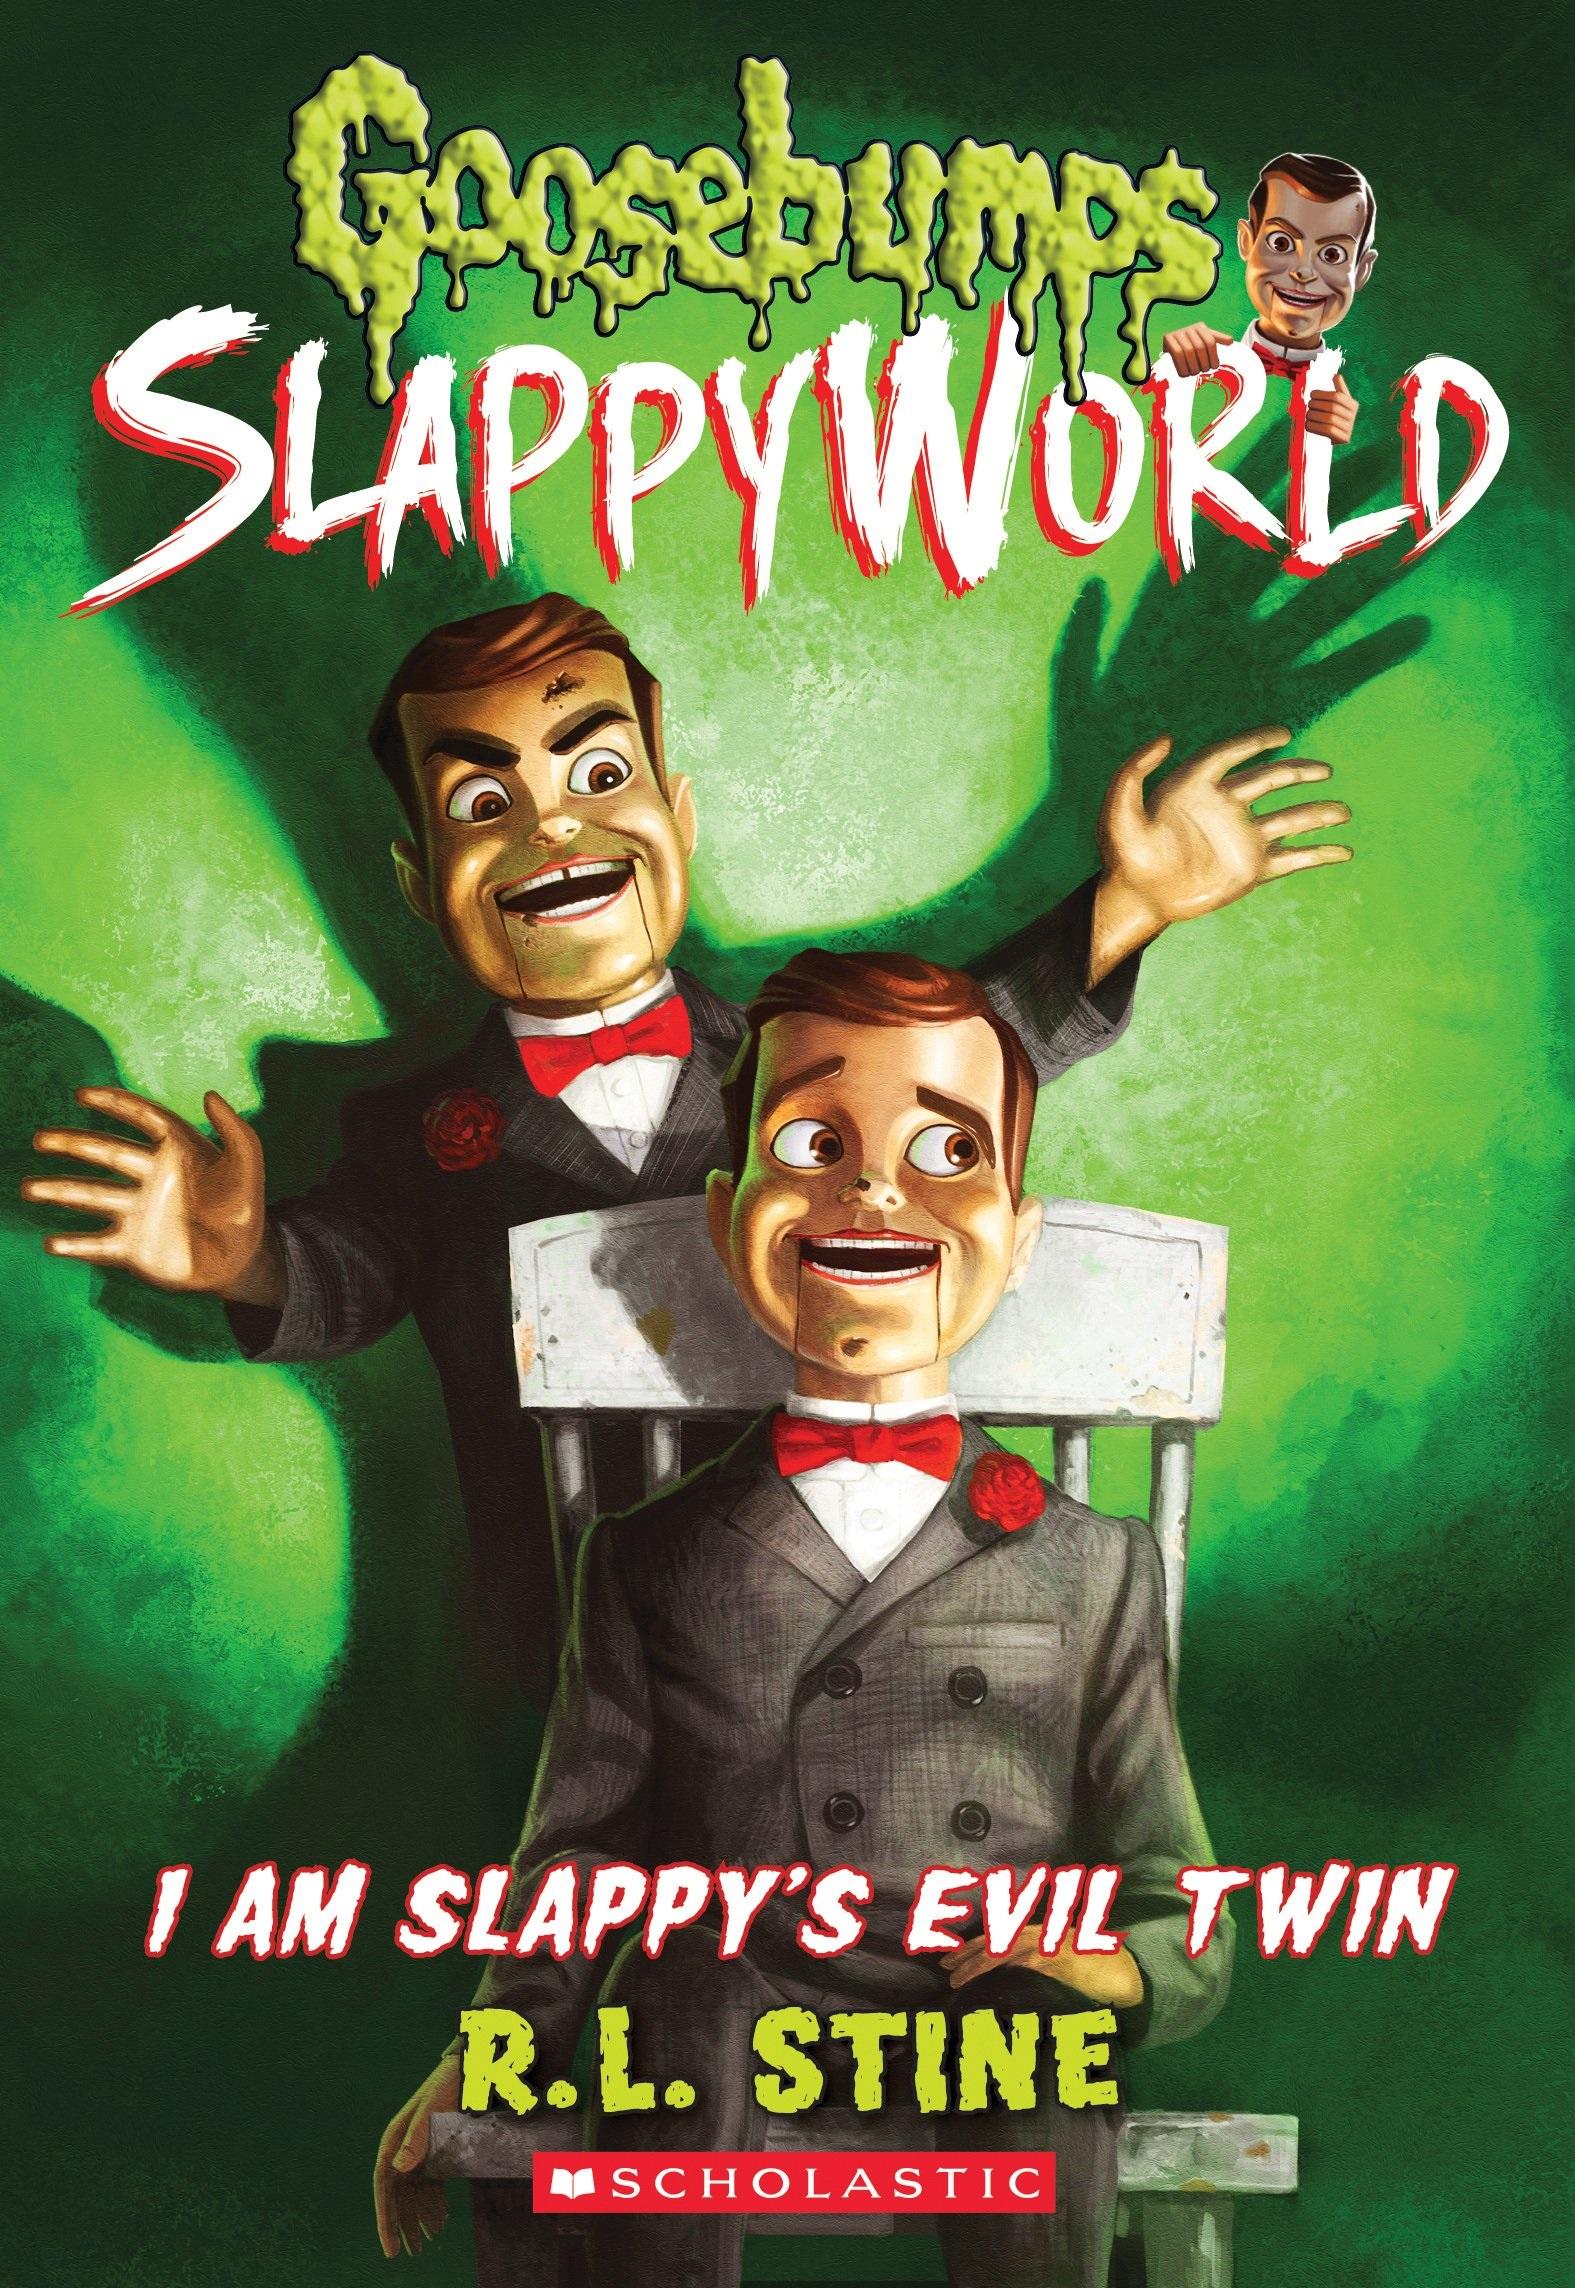 rl stine reveals upcoming goosebumps book i am slappy